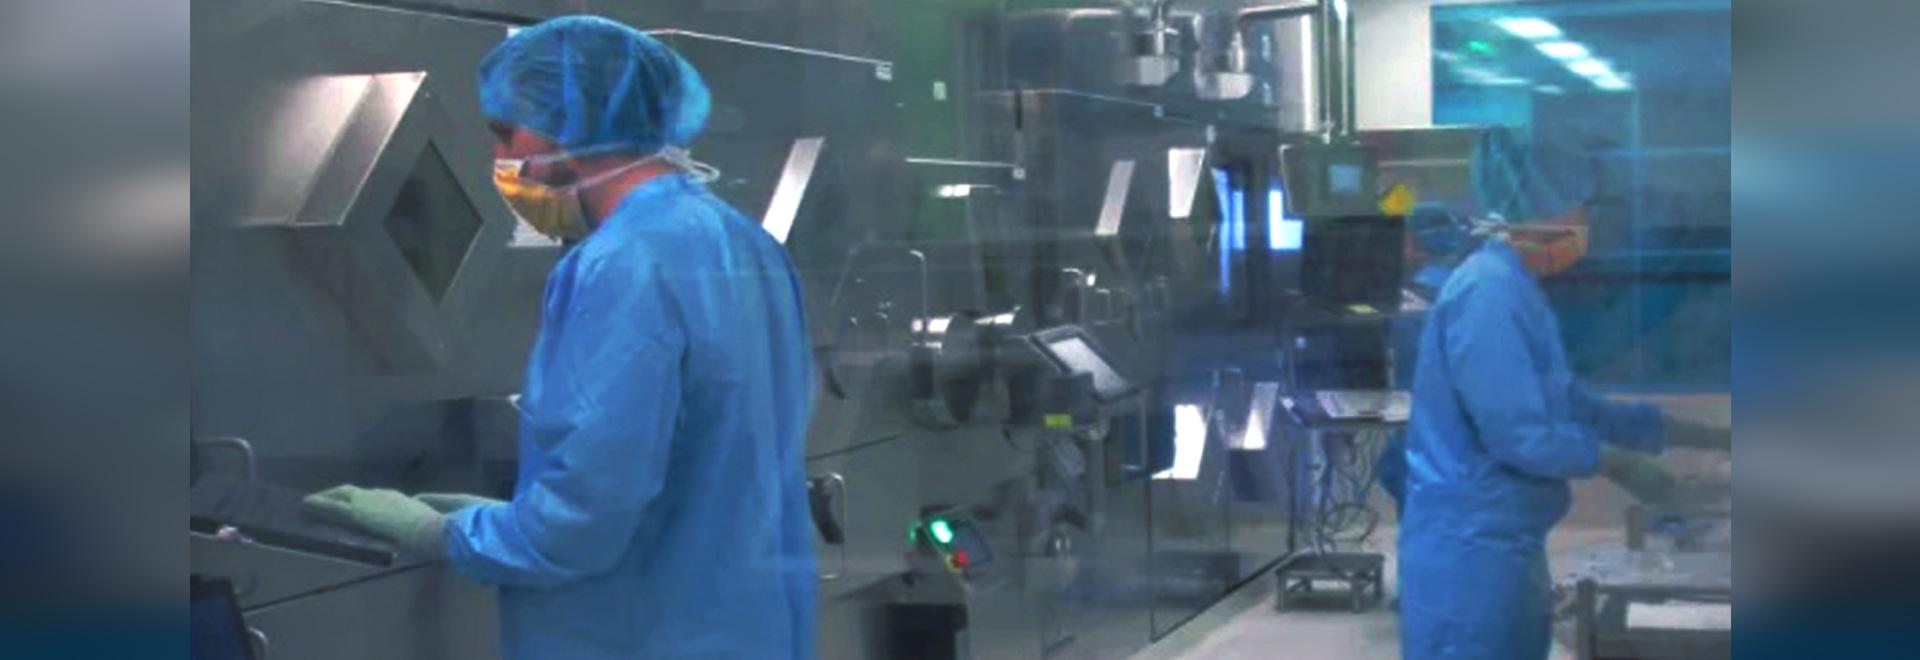 Australia-hot-lab